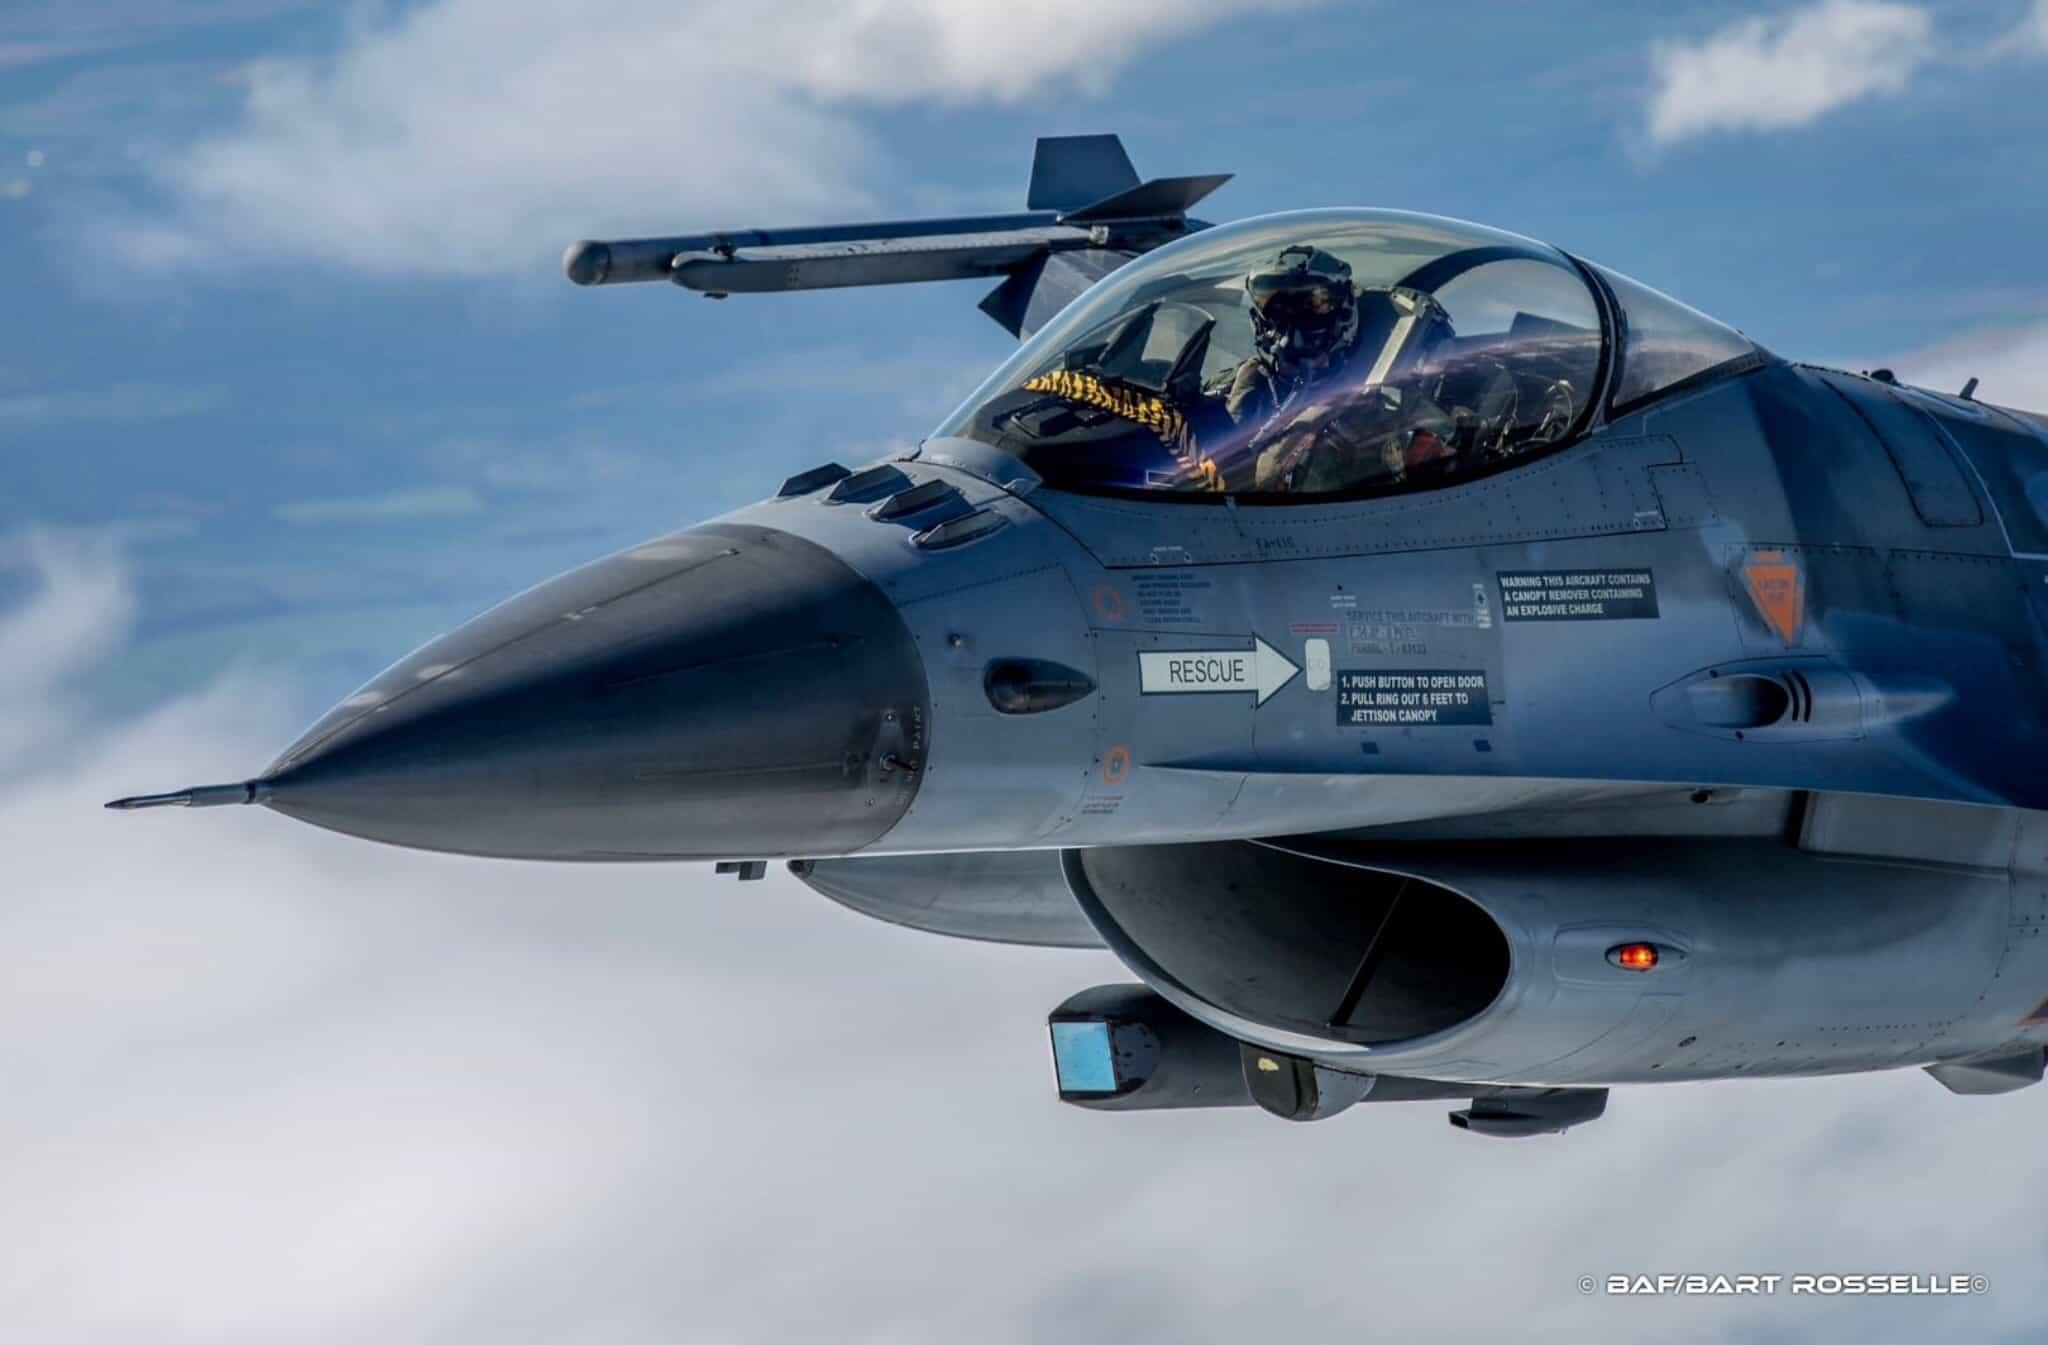 Бельгійський багатоцільовий літак F-16